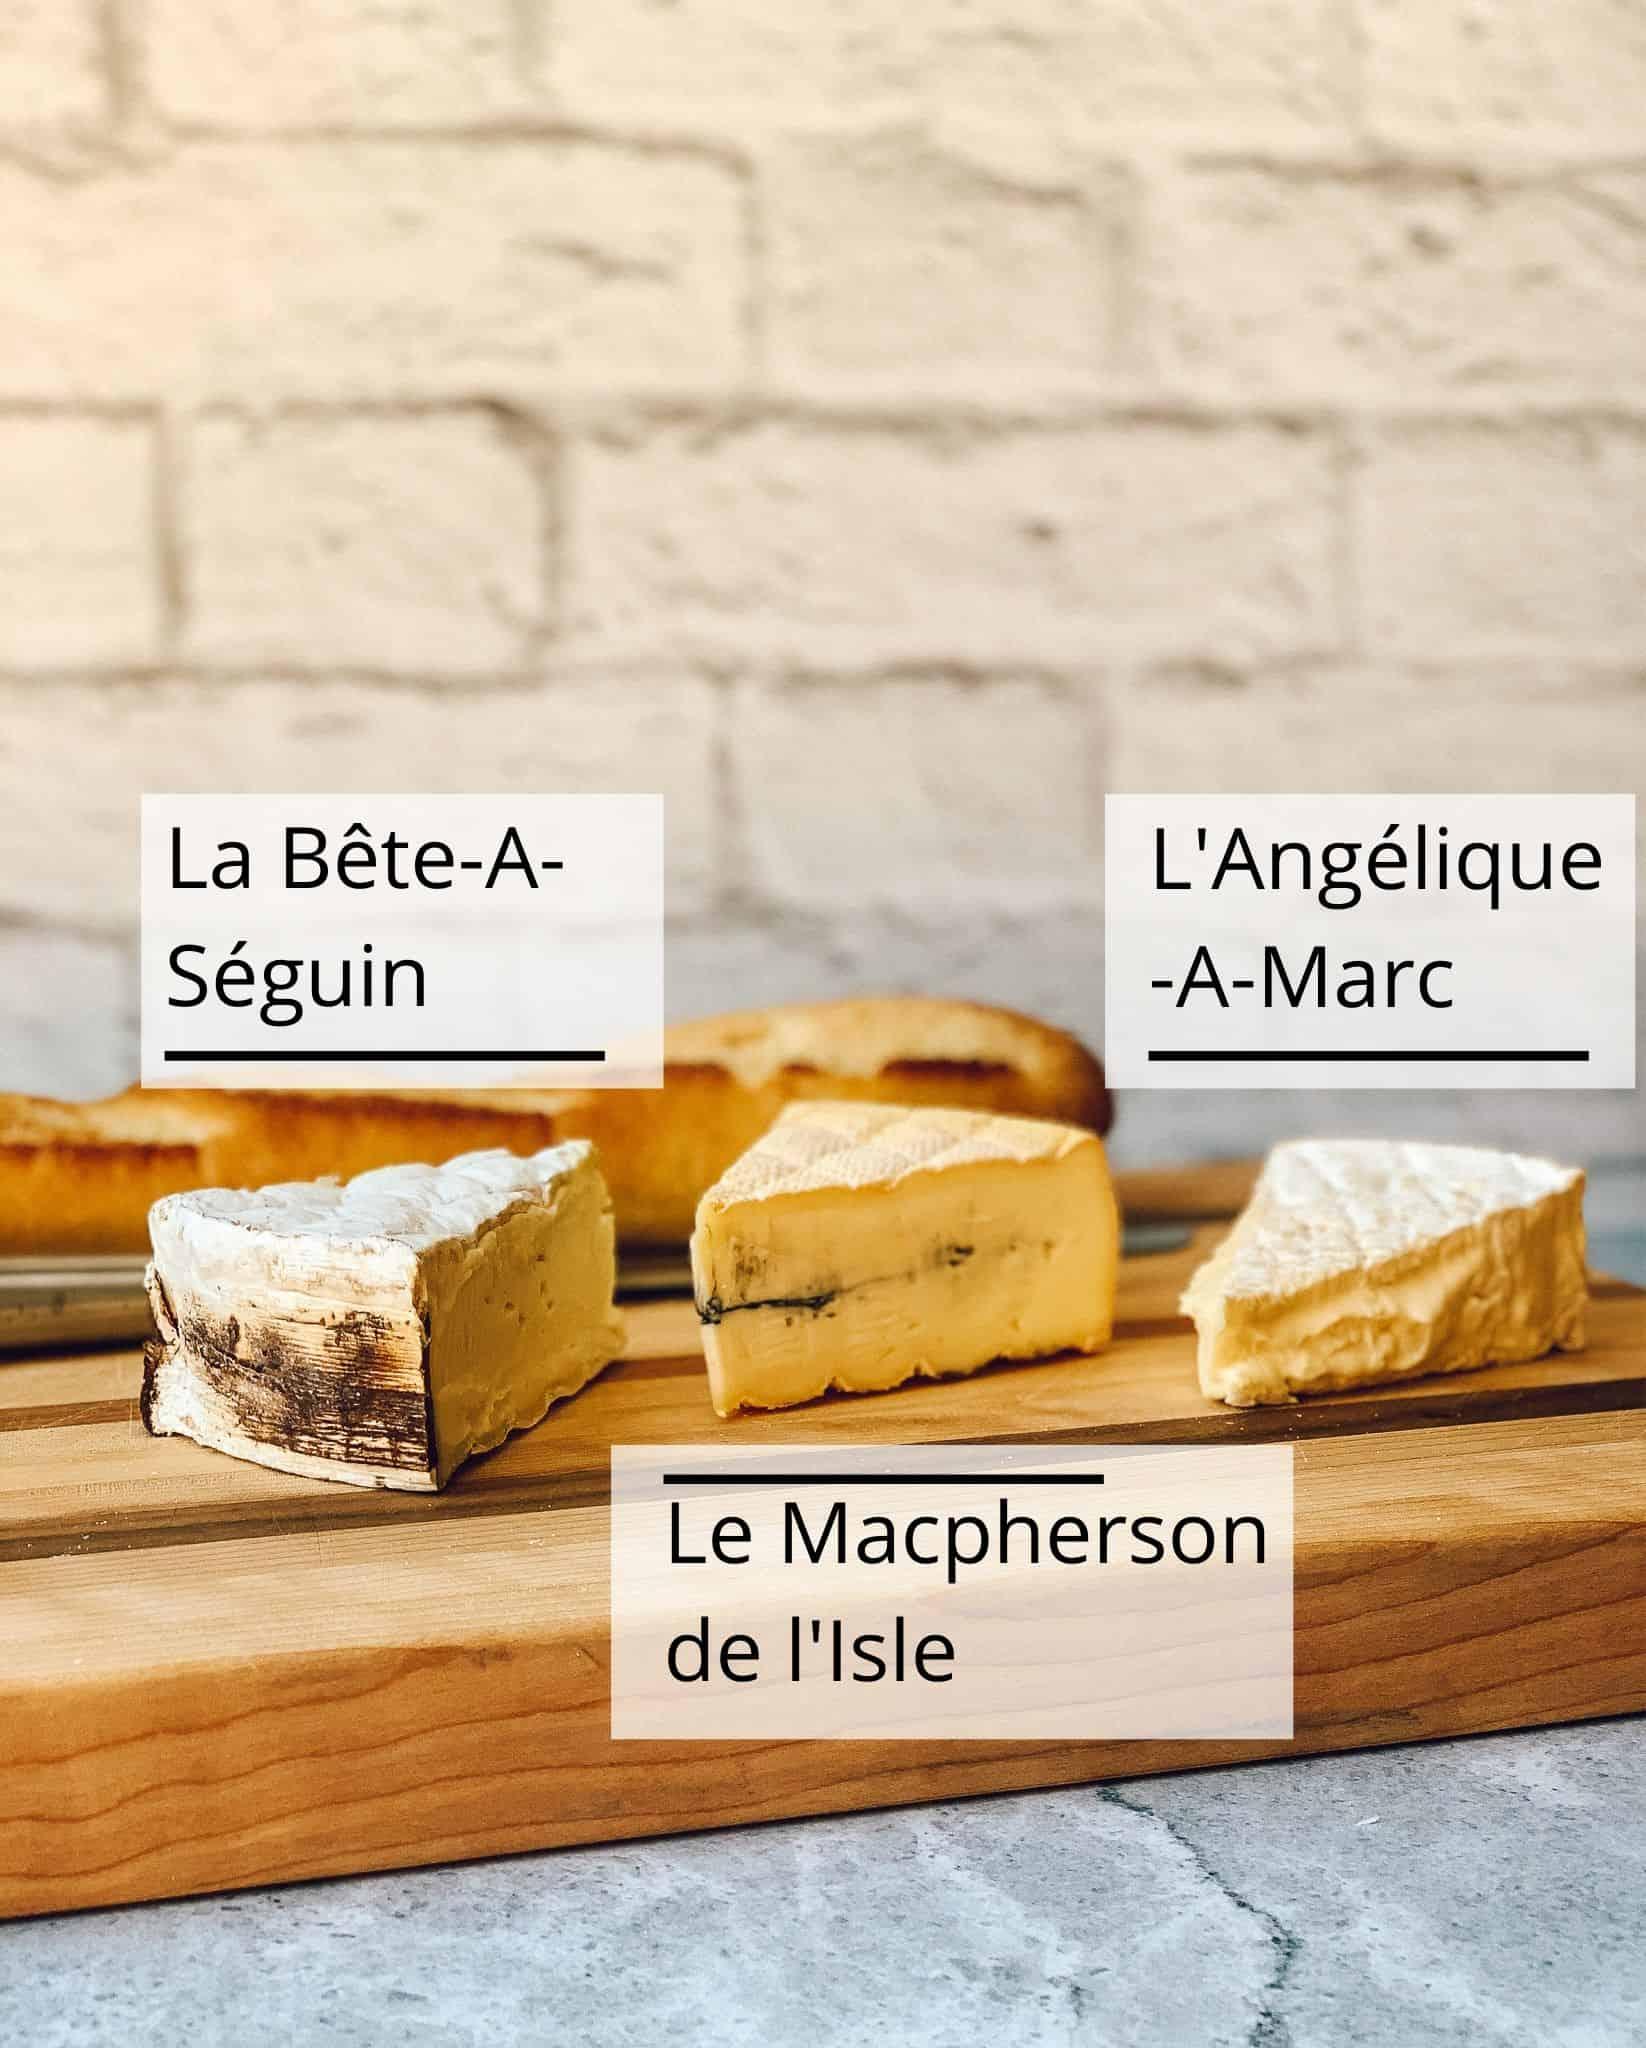 Trois fromages de la Fromagerie de l'Isle: La Bête-à-Séguin, L'Angélique-À-Marc et Le Macpherson